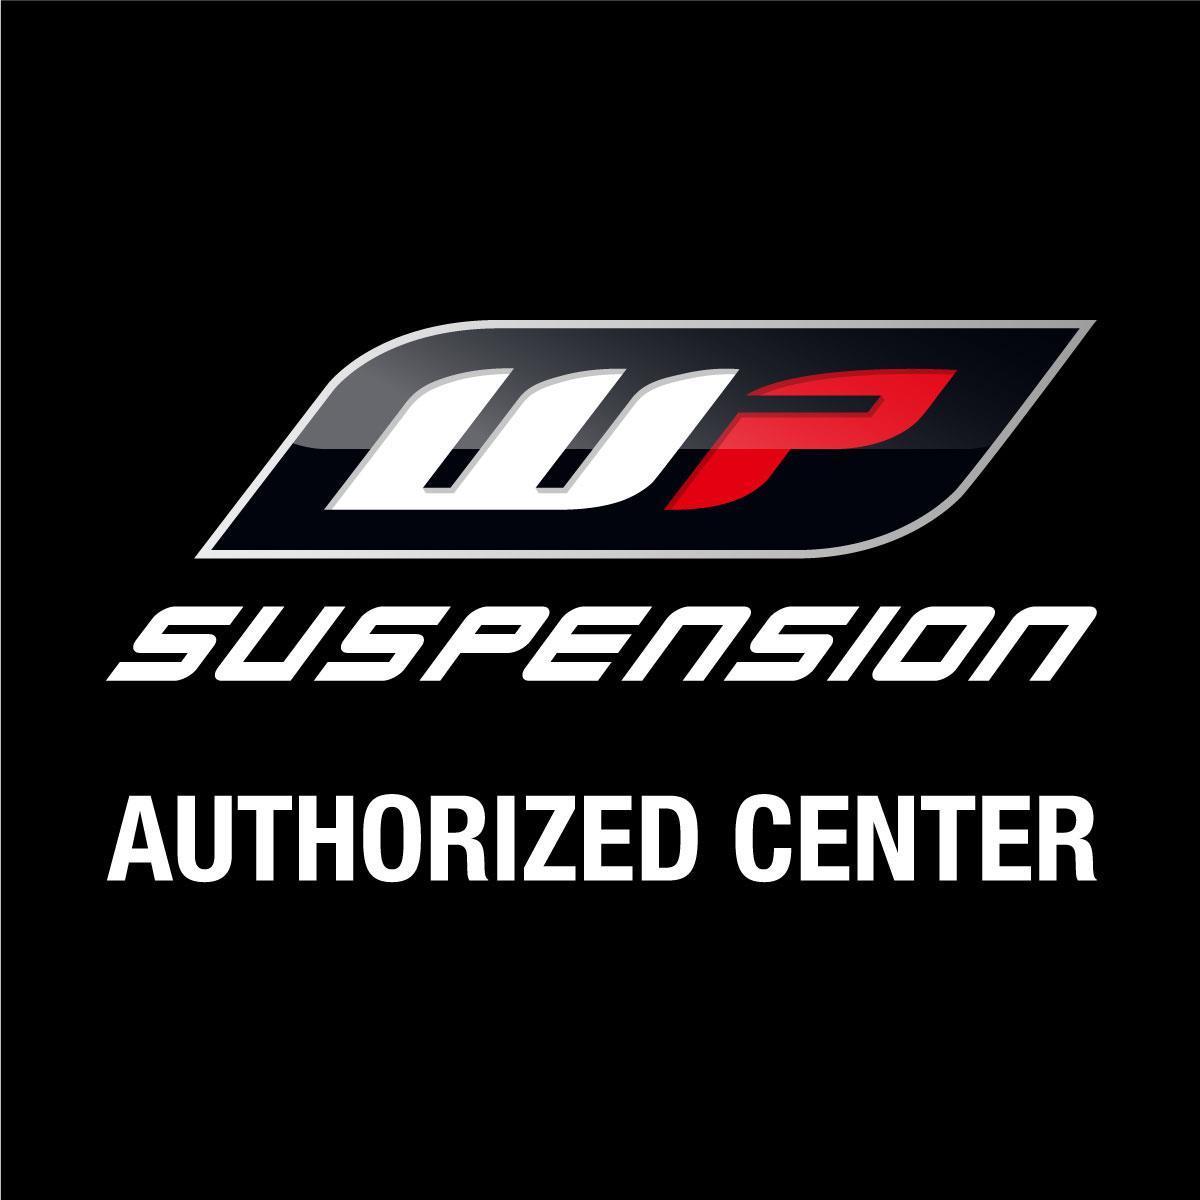 auktoriserat servicecenter för WP Suspension